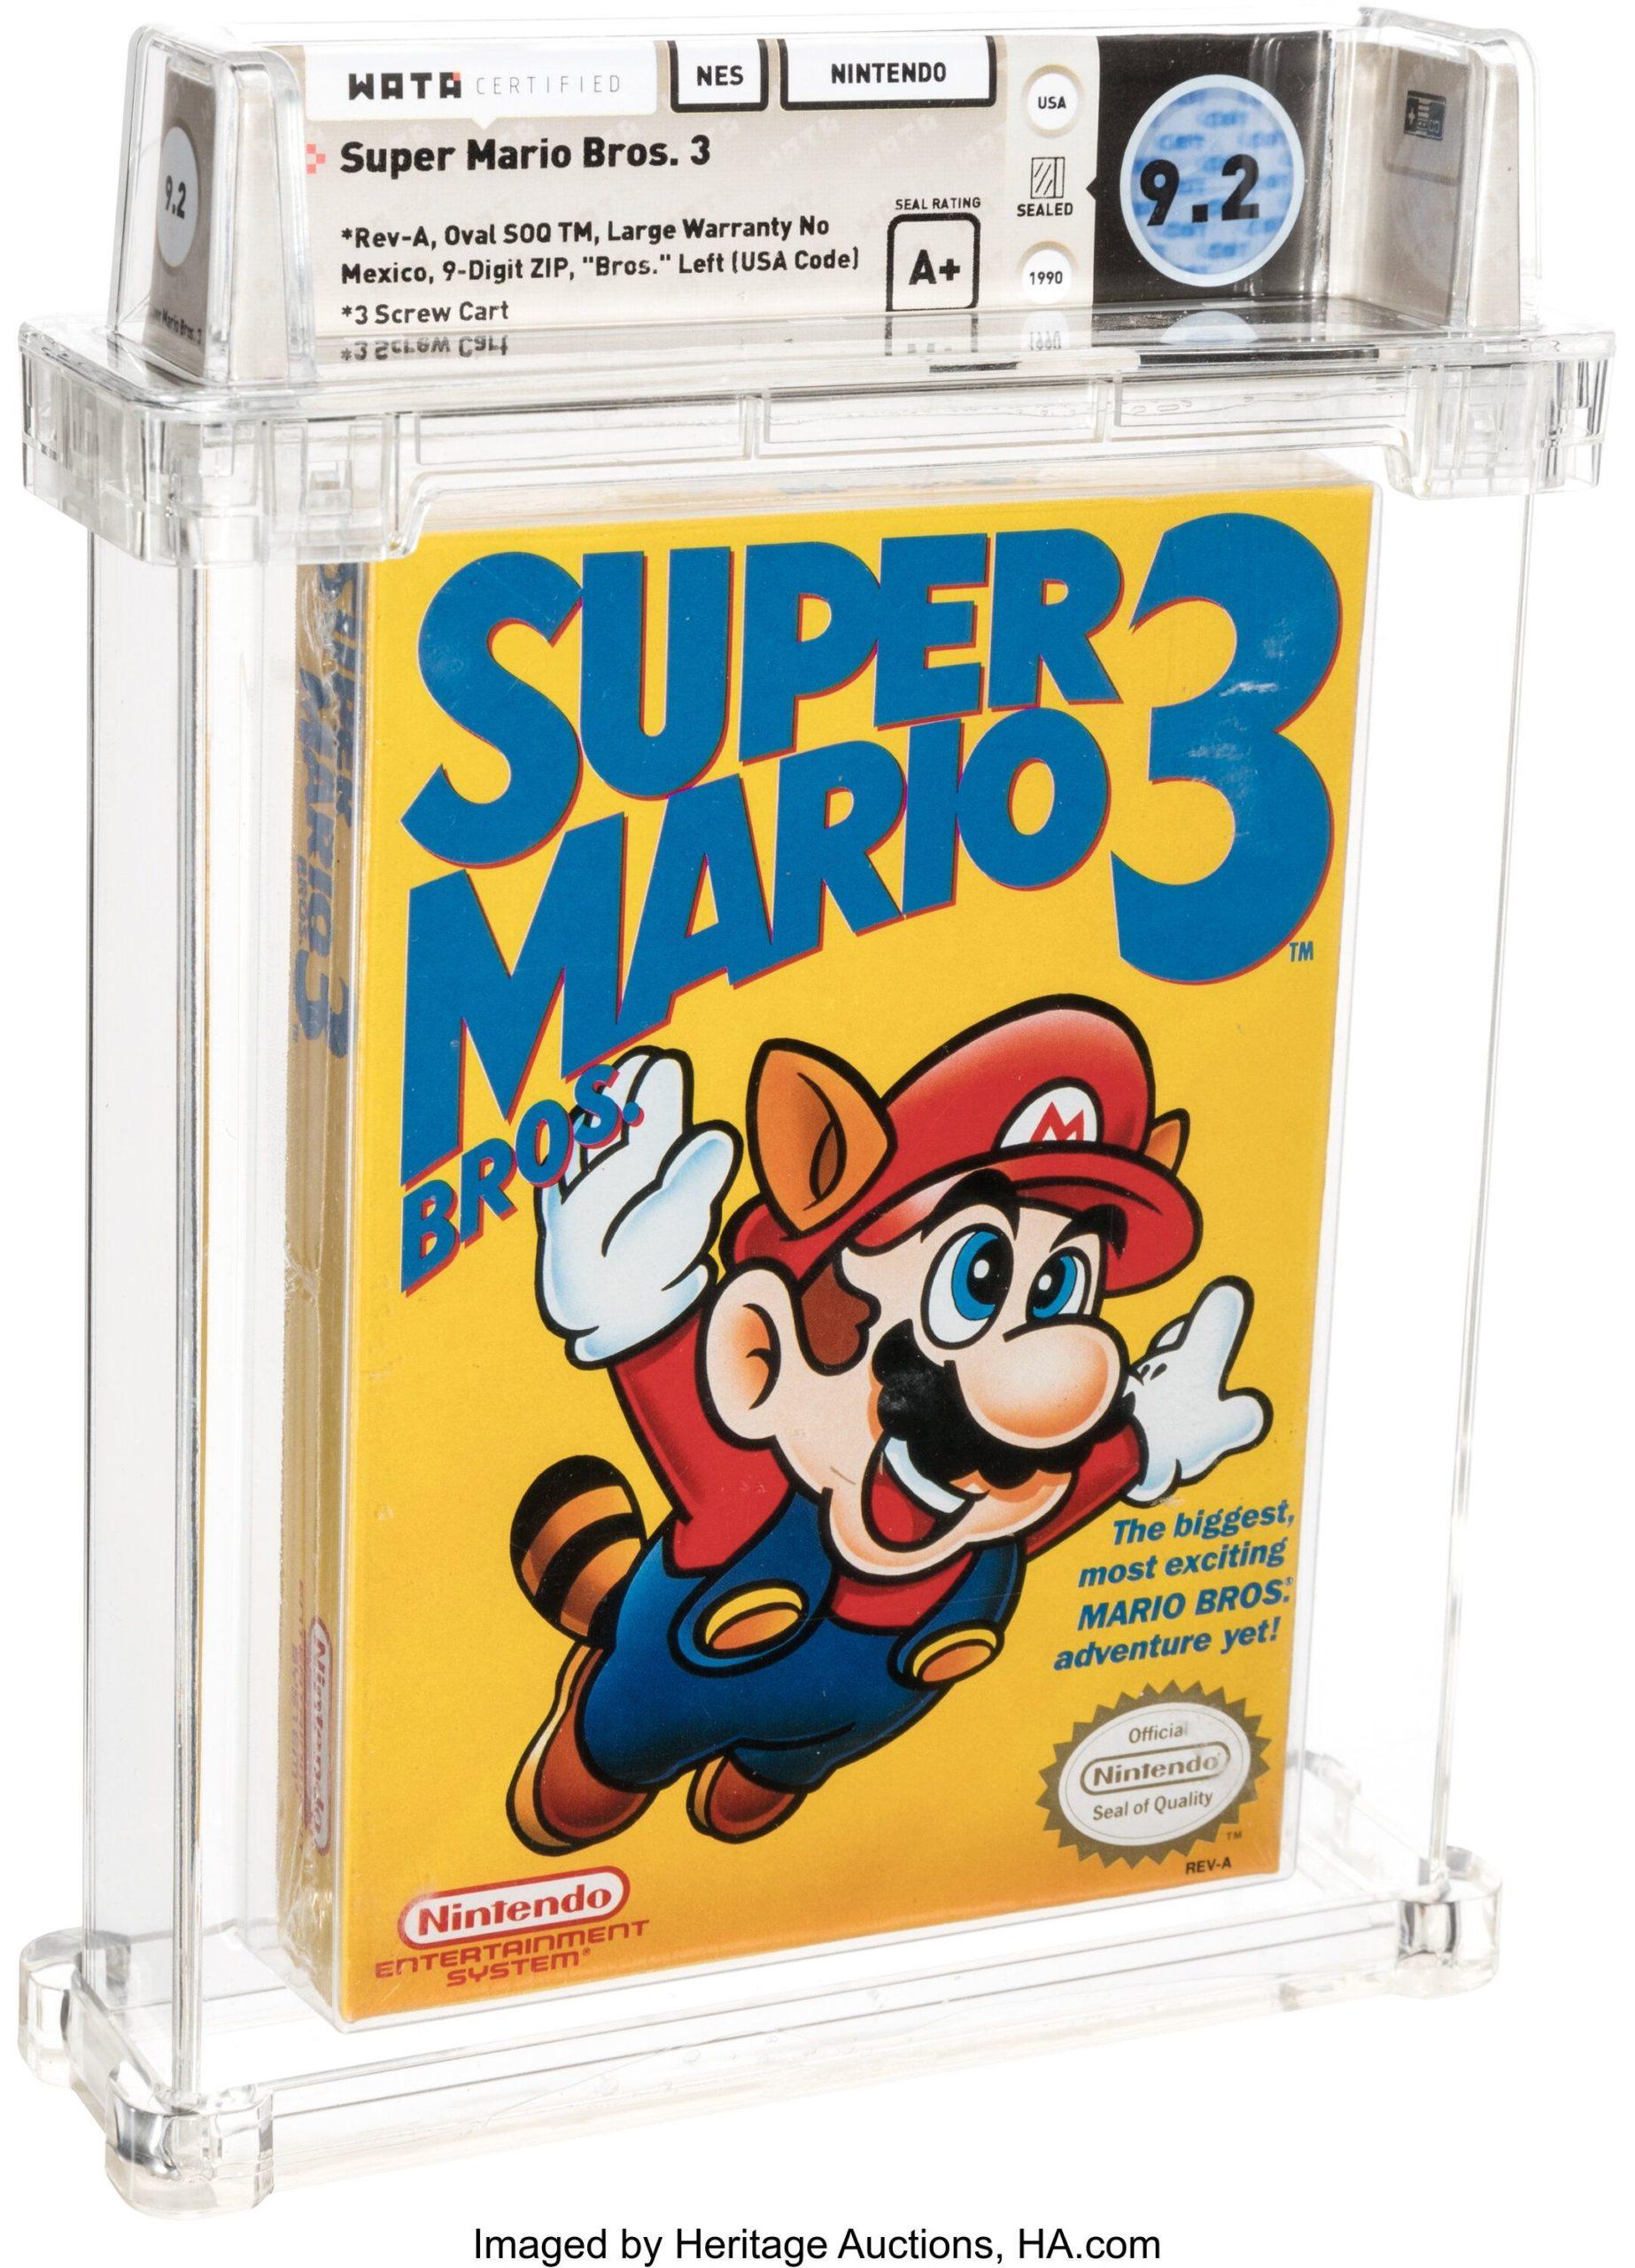 En plus d'être dans un excellent état, la copie du jeu se démarquait aussi par le titre imprimé différemment